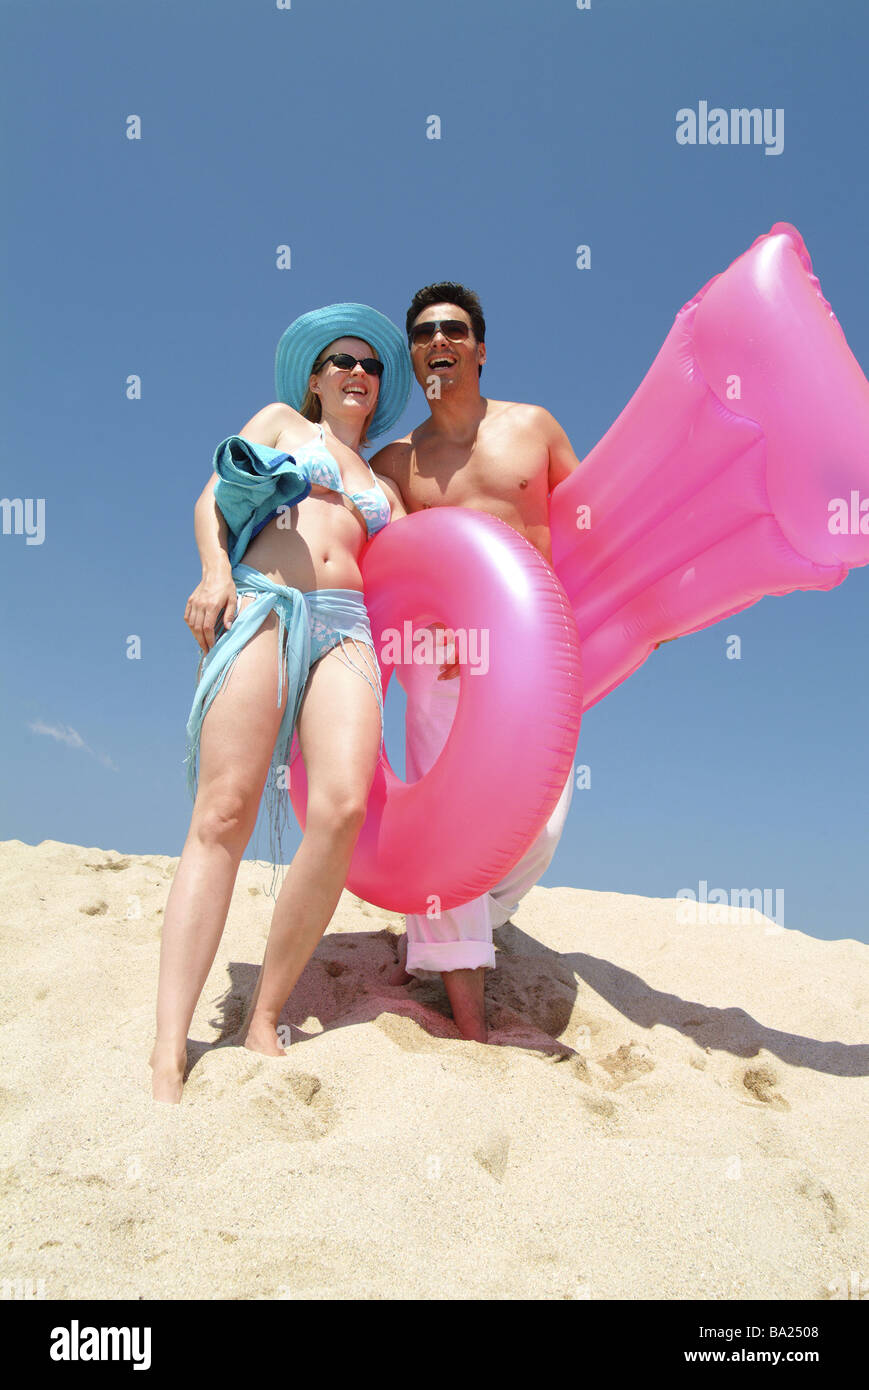 Mate jóvenes alegres trajes de baño colchón de aire piscina playa  neumáticos risas relación Imagen De eb5c4b3c8b7